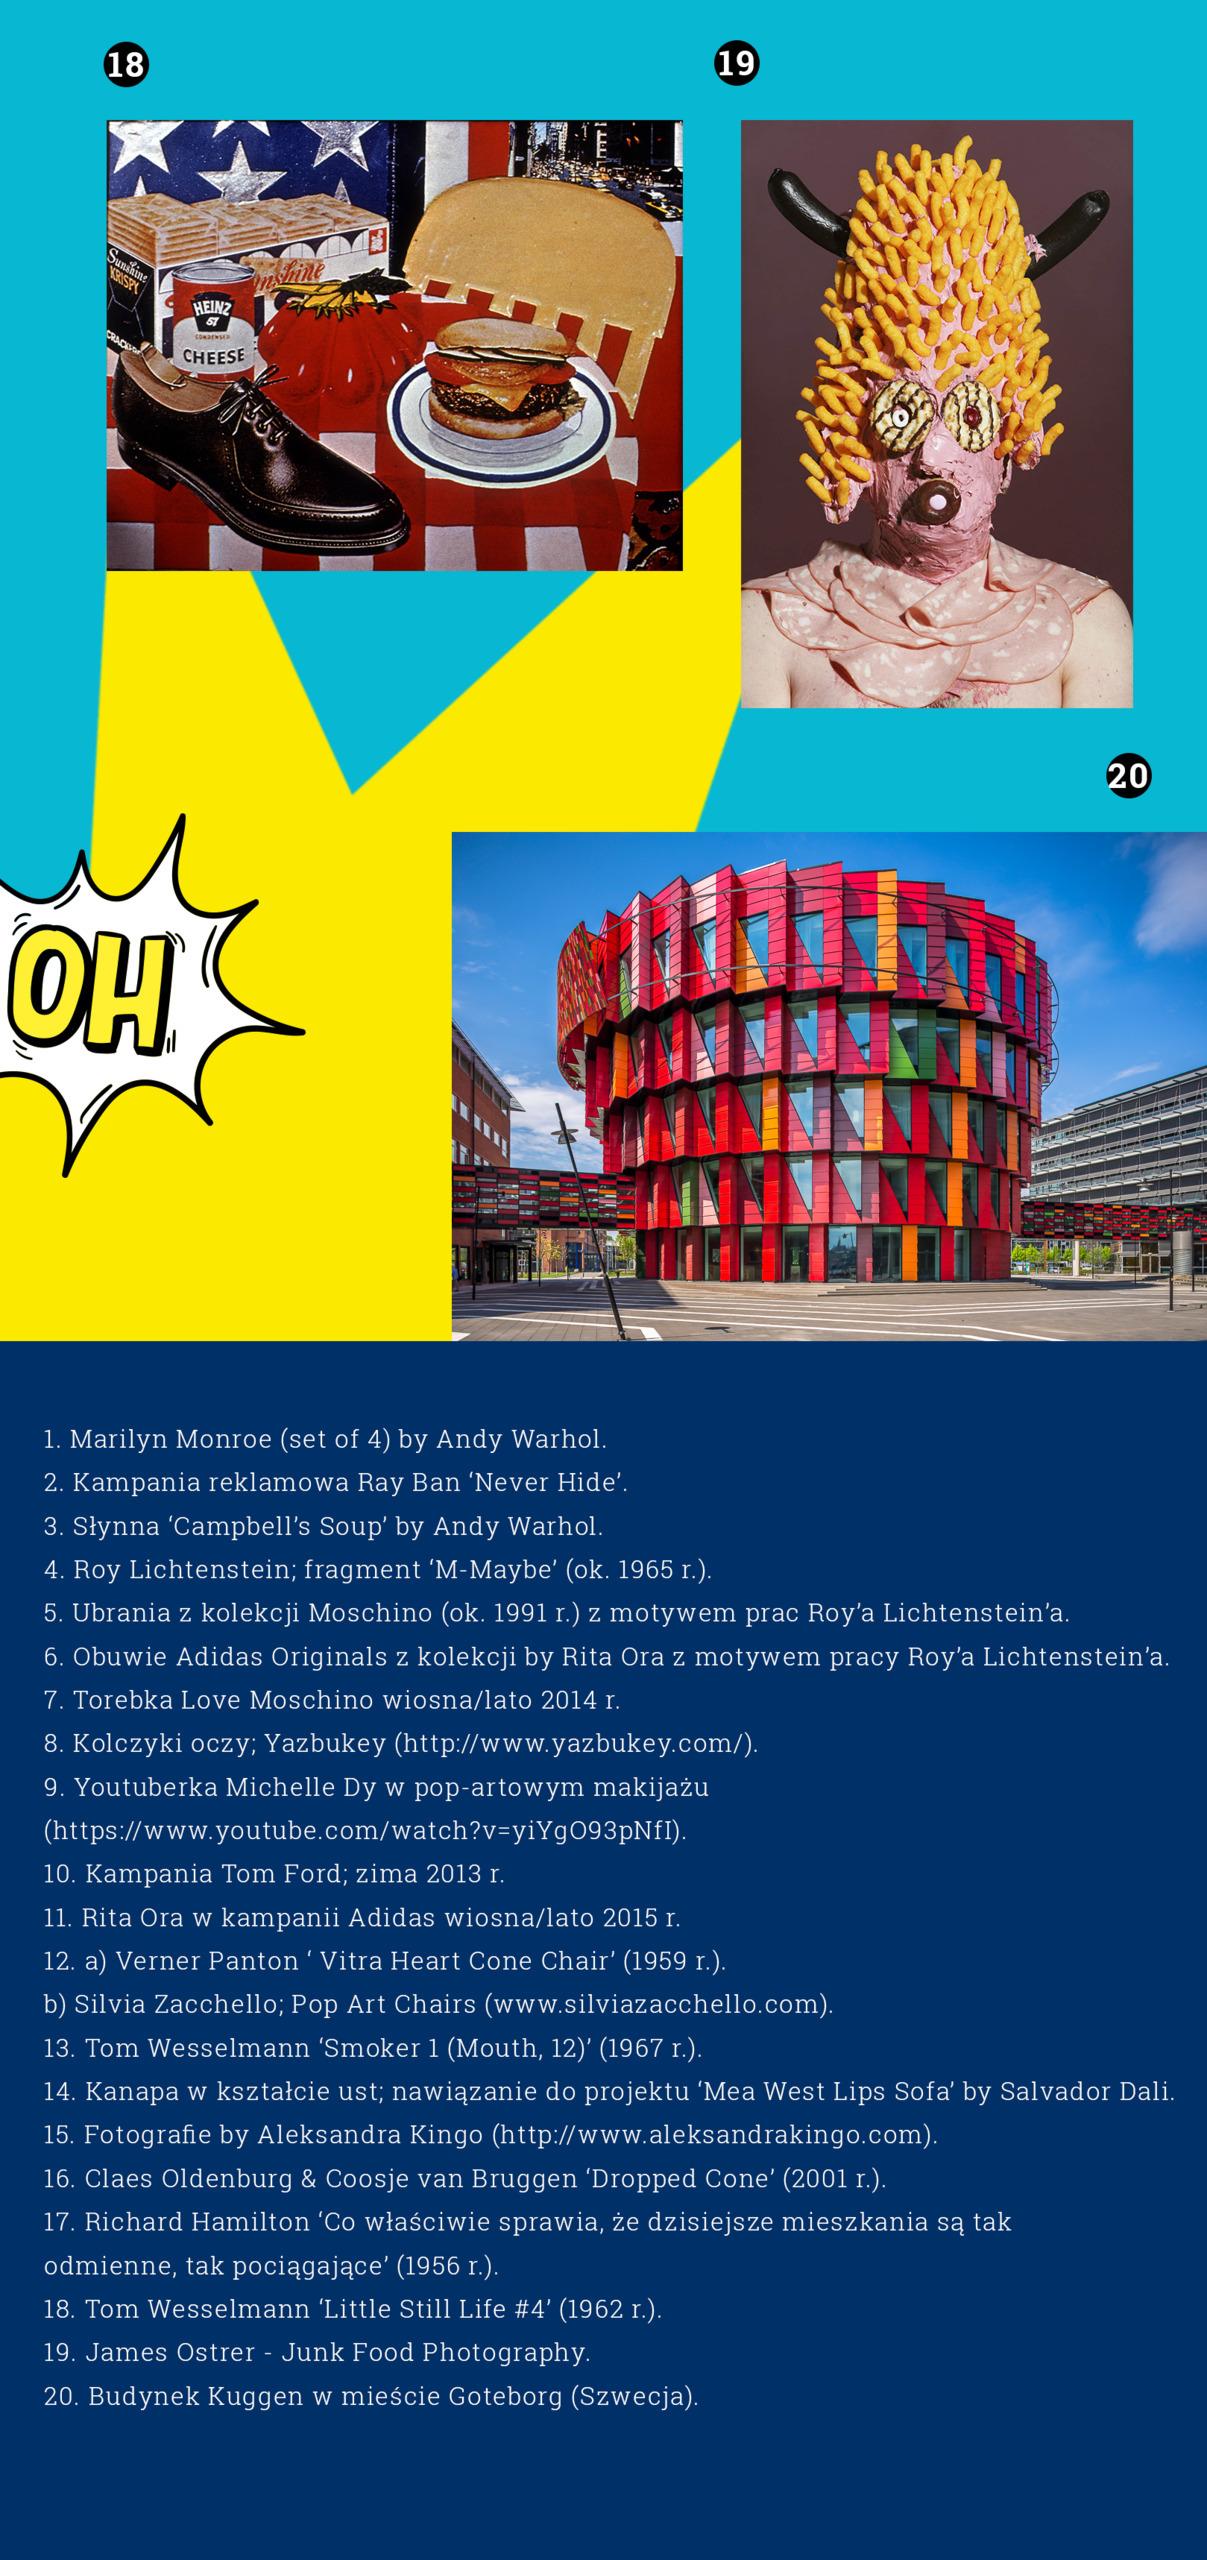 Obraz przedstawia różne zdjęcia na niebieskim tle w otoczeniu żółtych elementów, widzimy kolaż znanego artysty, fotografię przedstawiającą postać oblepioną produktami spożywczymi, zdjęcie kolorowego budynku, na samym dole znajdują się białe napisy na niebieskim tle.